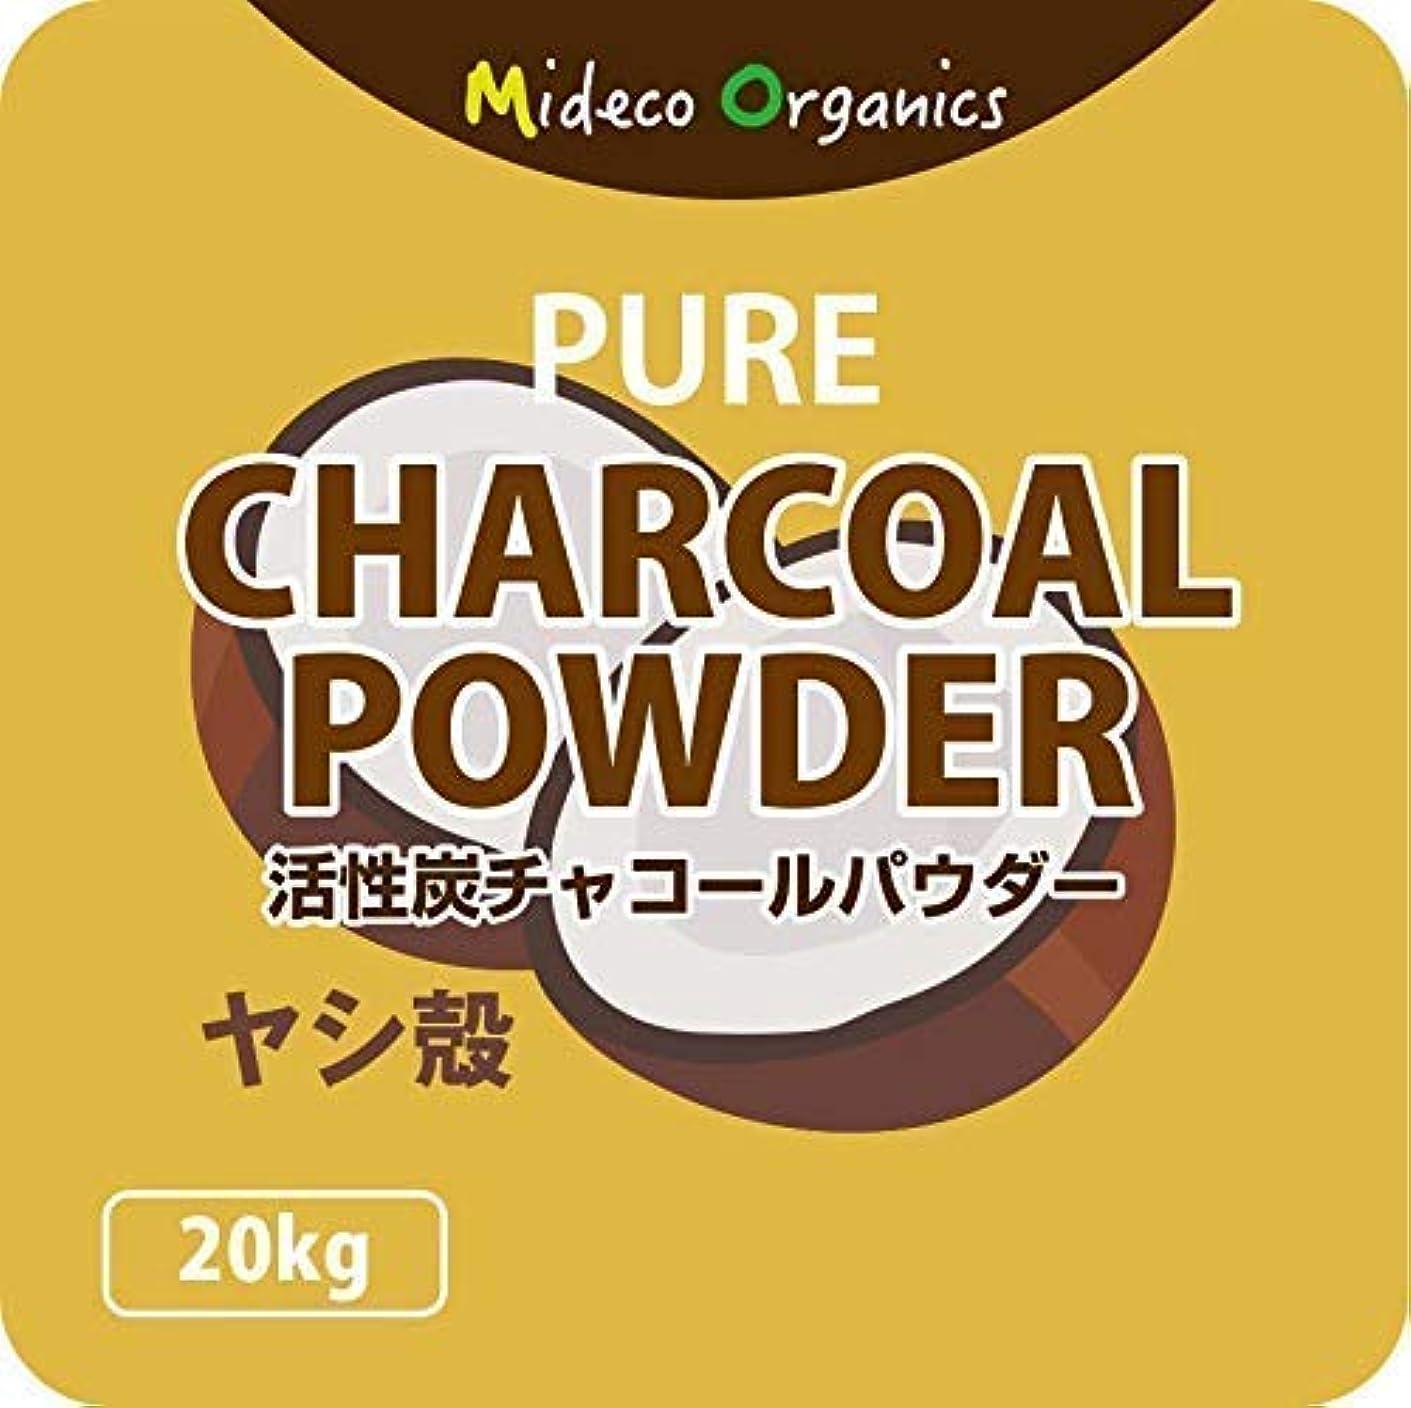 添加剤香ばしいねじれ活性炭チャコールパウダー 食用 20kg